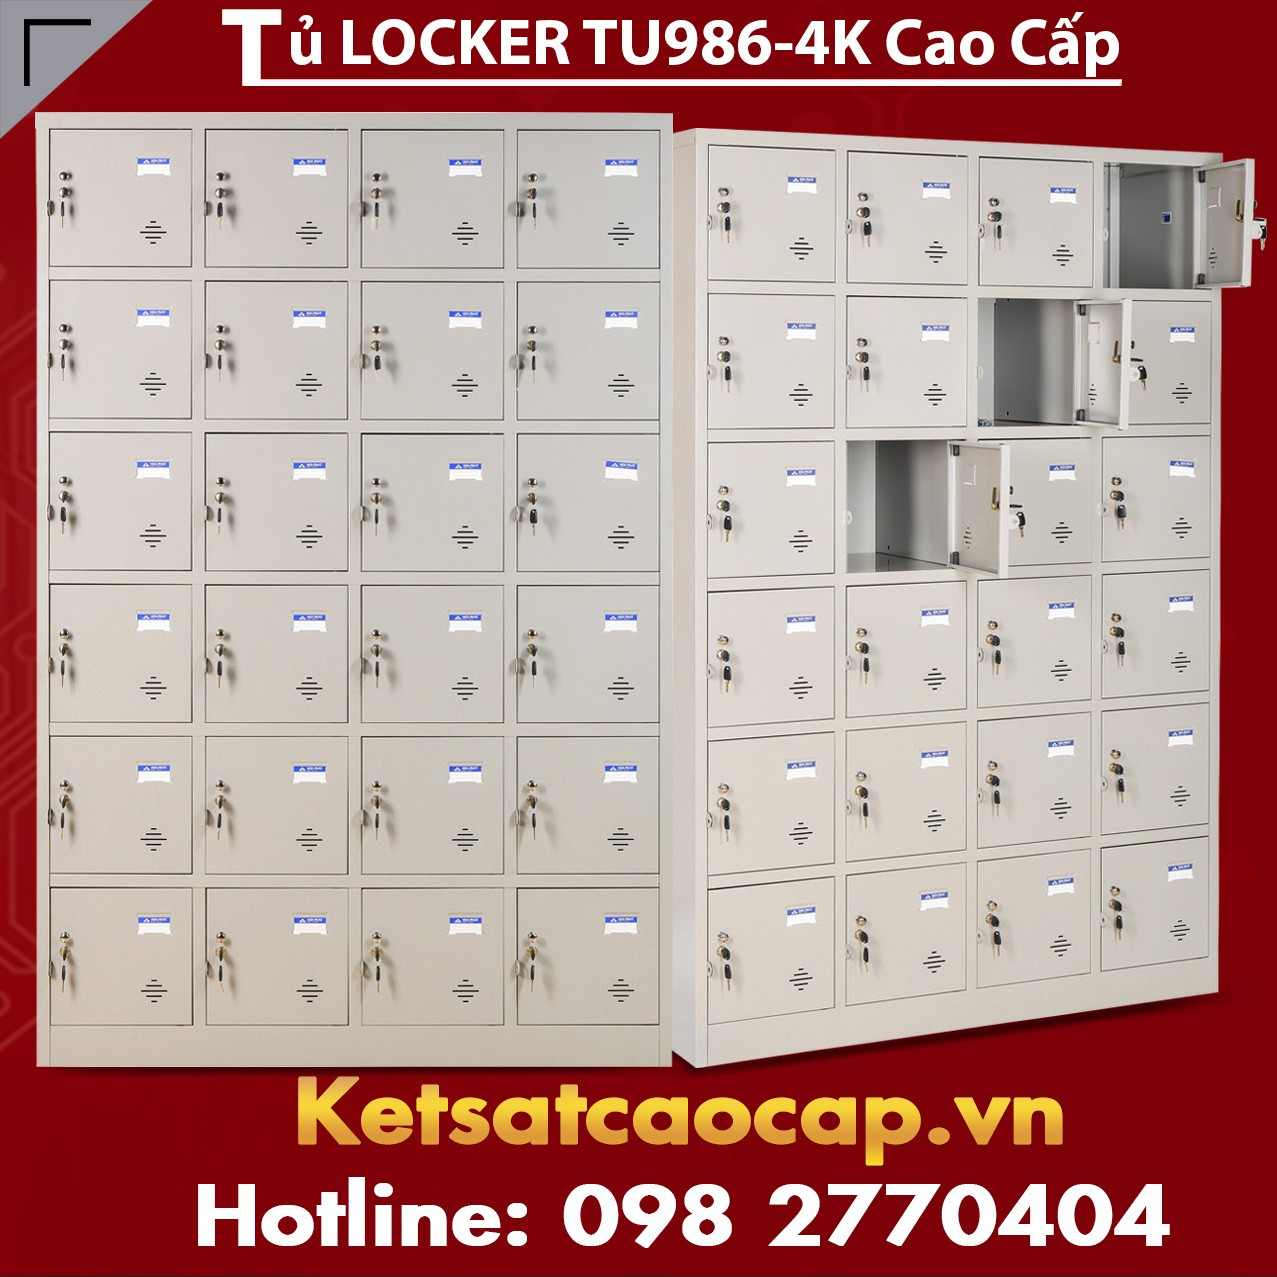 Tủ Locker TU986-4K